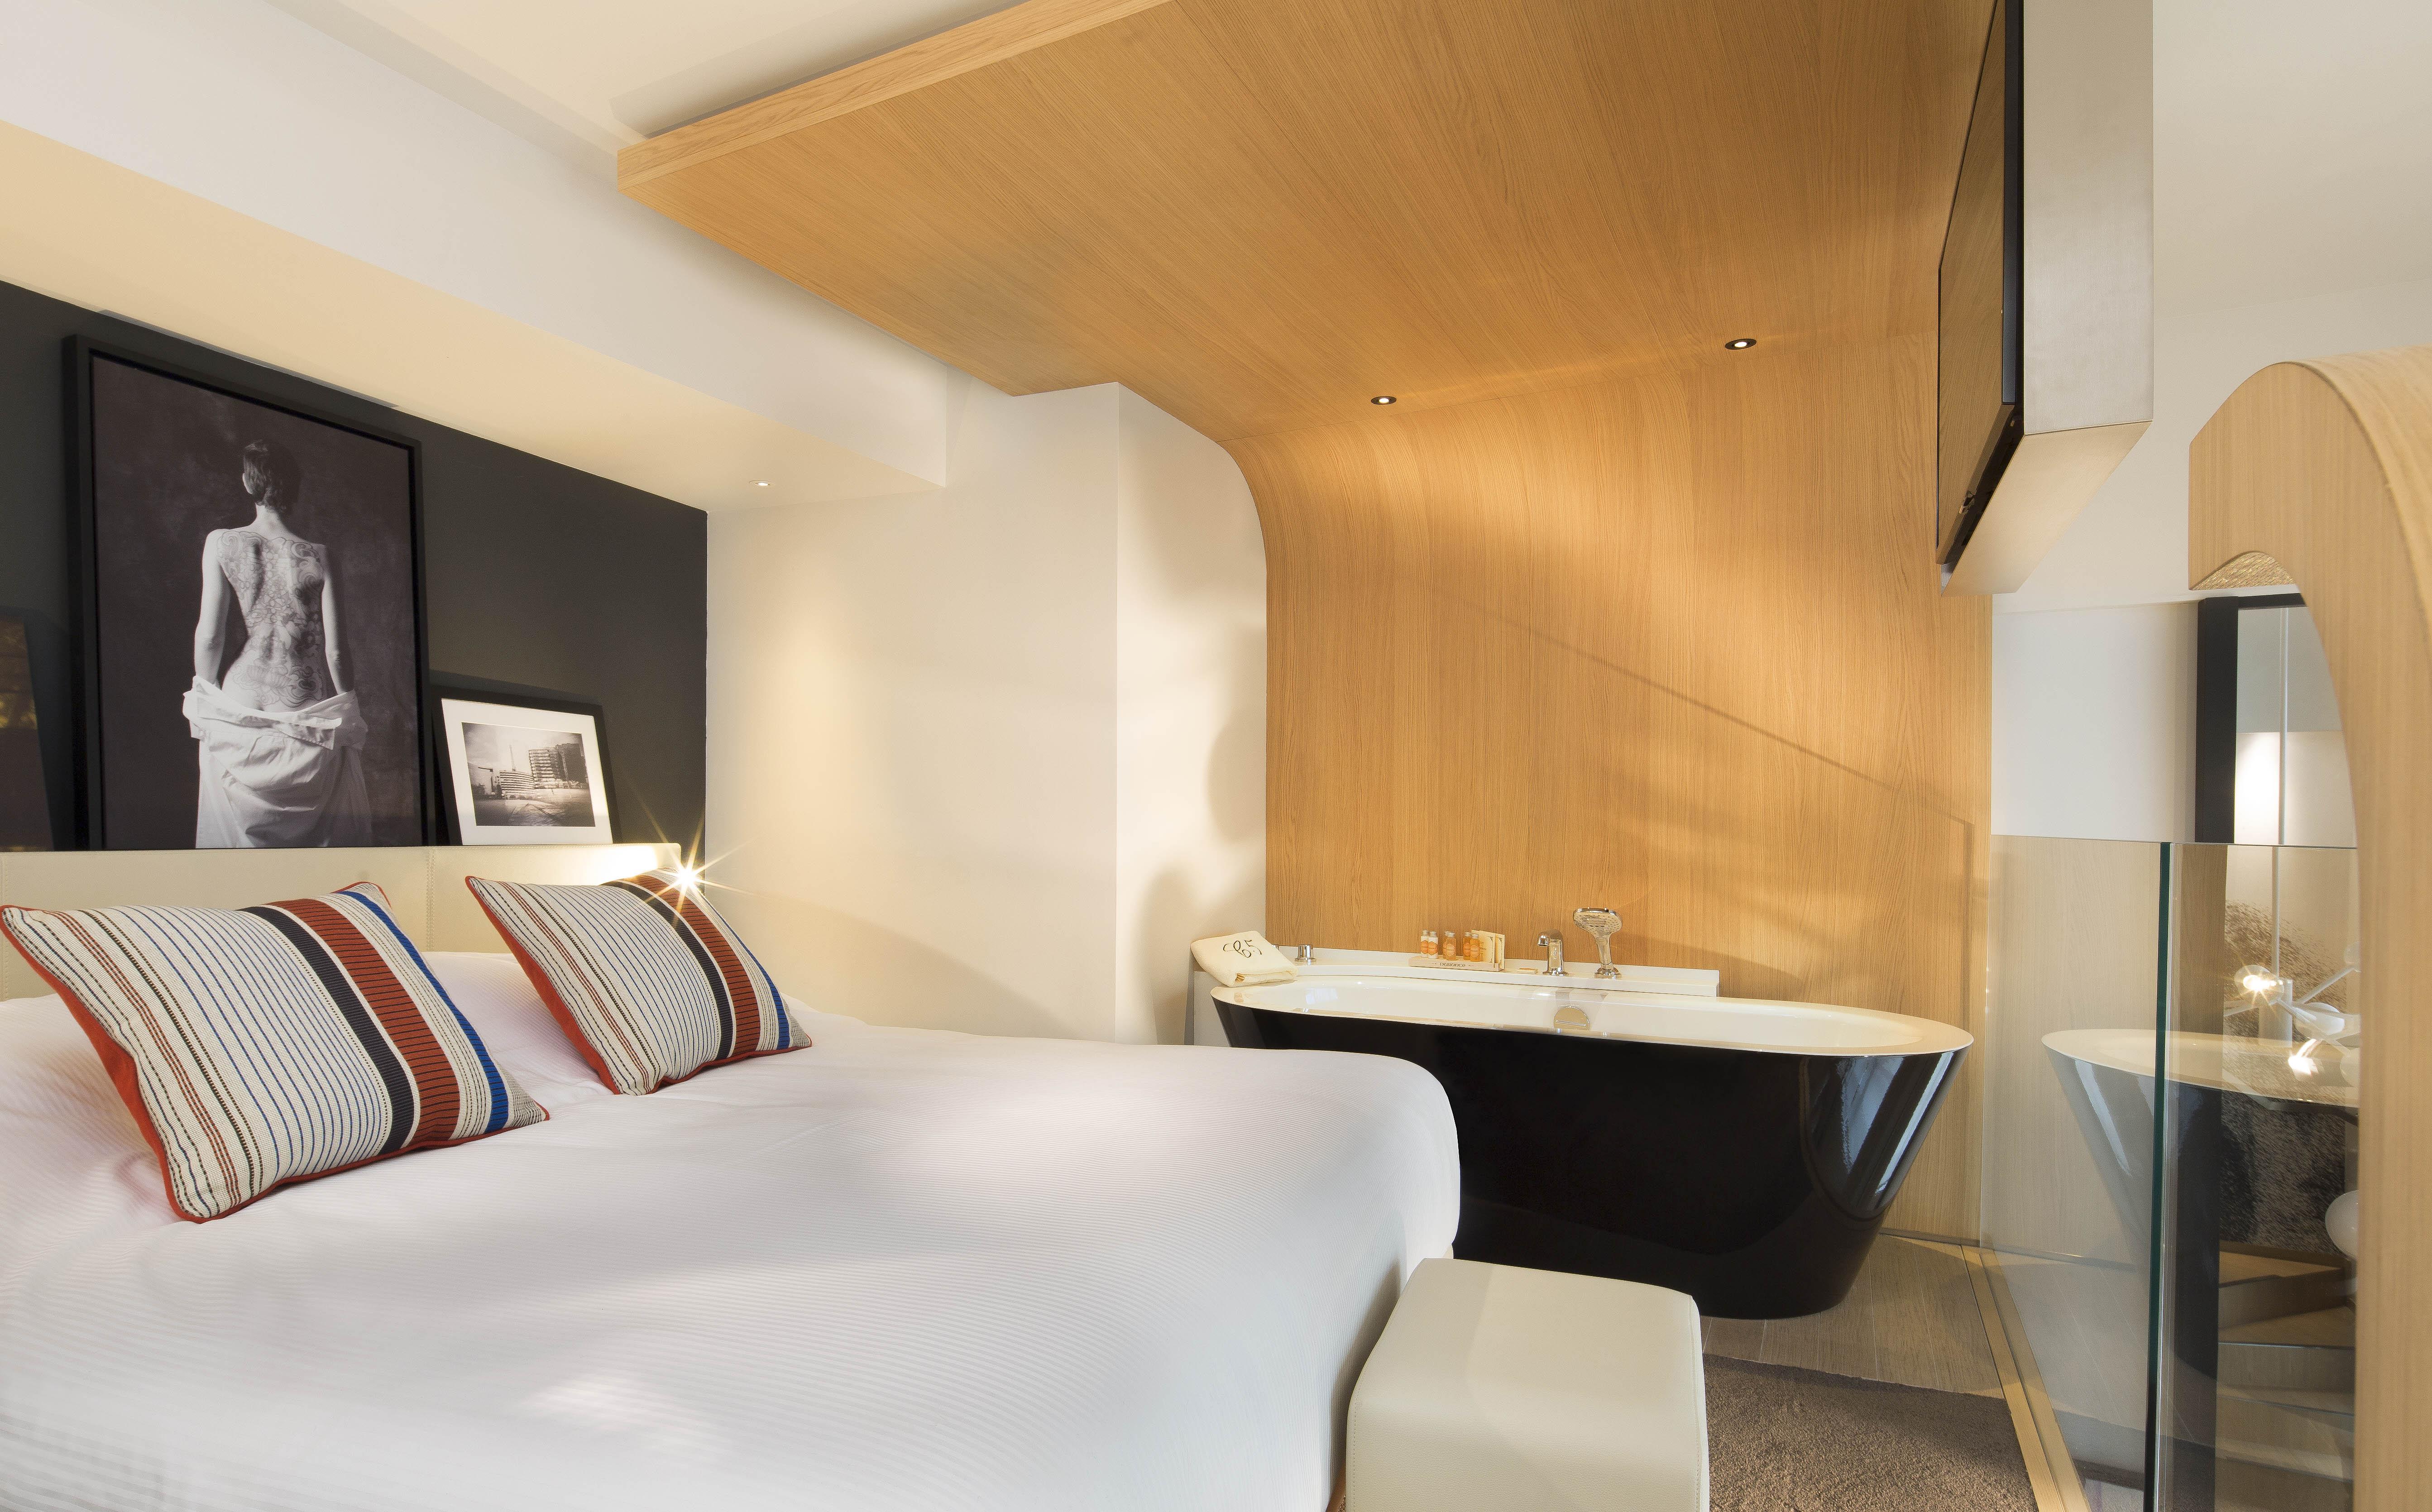 Jean-Philippe Nuel gestaltet das Hotel Le Cinq Codet in Paris ...